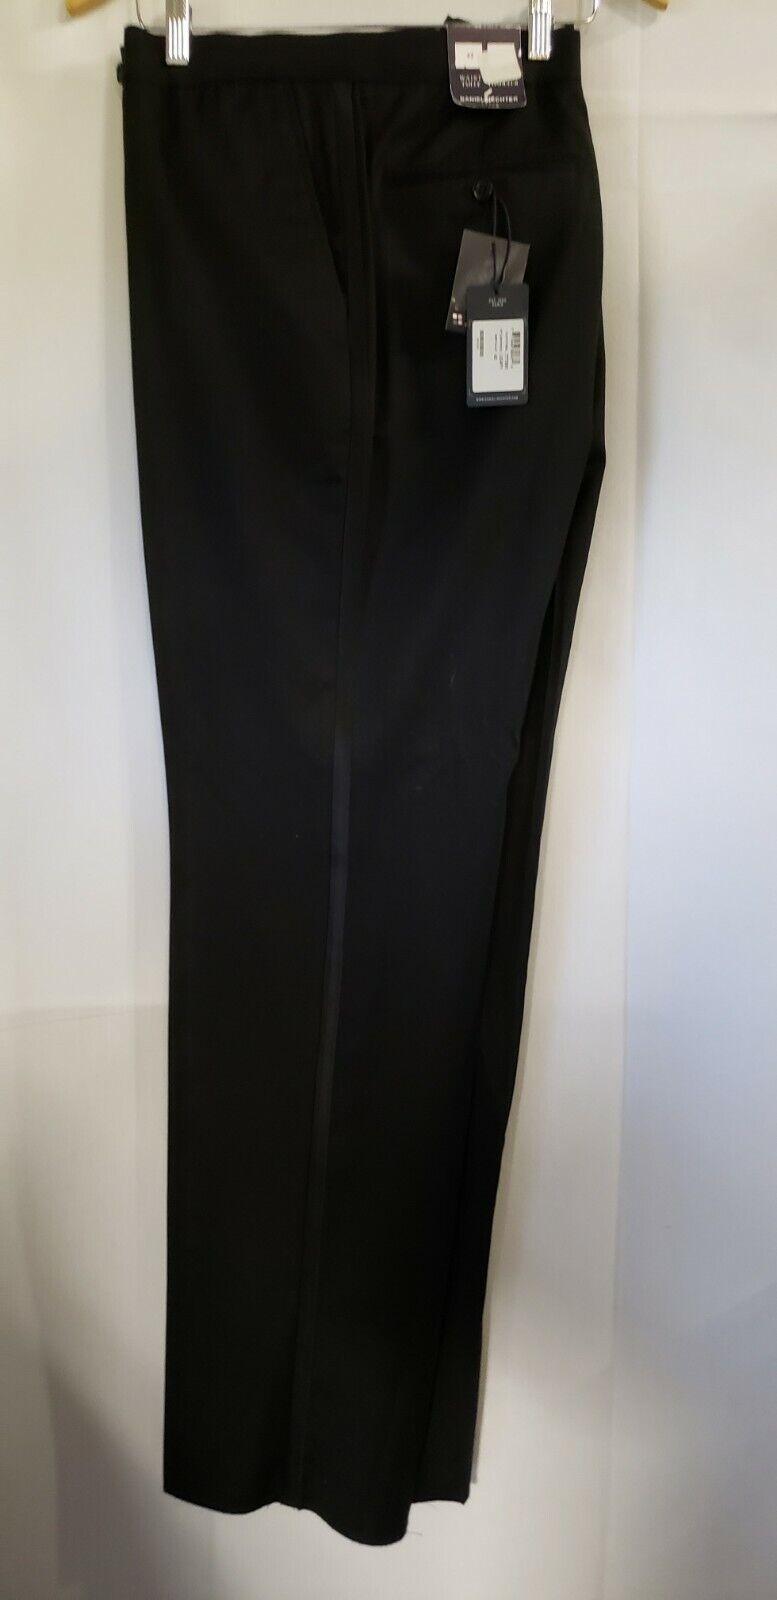 New Daniel Hechter 42 Waist New Men's Wool Tuxedo Pants Flat Front TUXXMAN